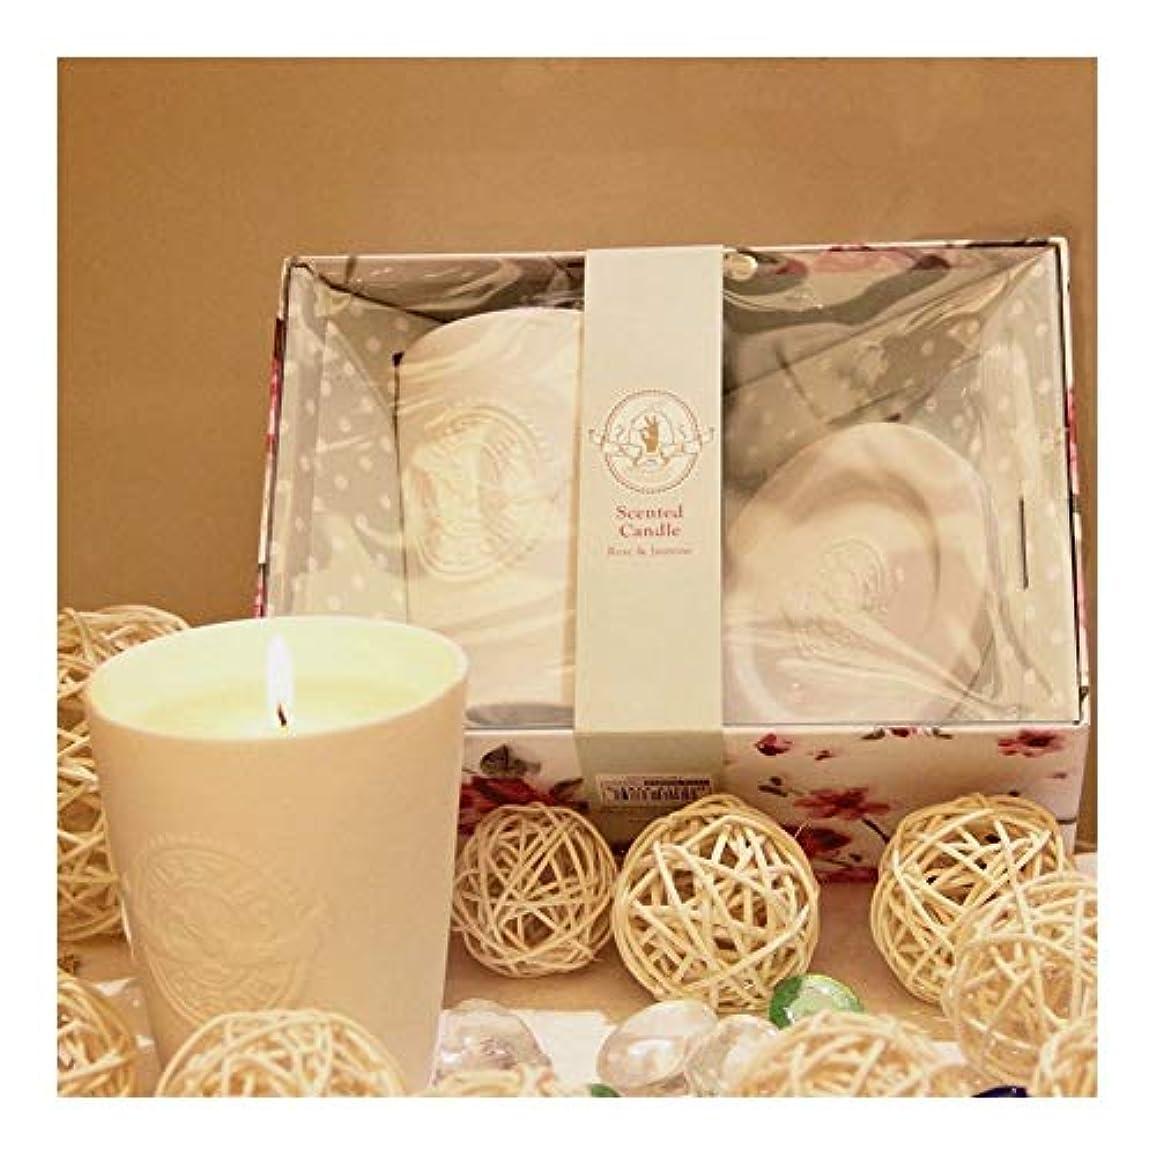 ぜいたく子羊愚かGuomao 白い陶器のガラス、ワックス、香料入りの蝋燭、屋内臭気の蝋燭